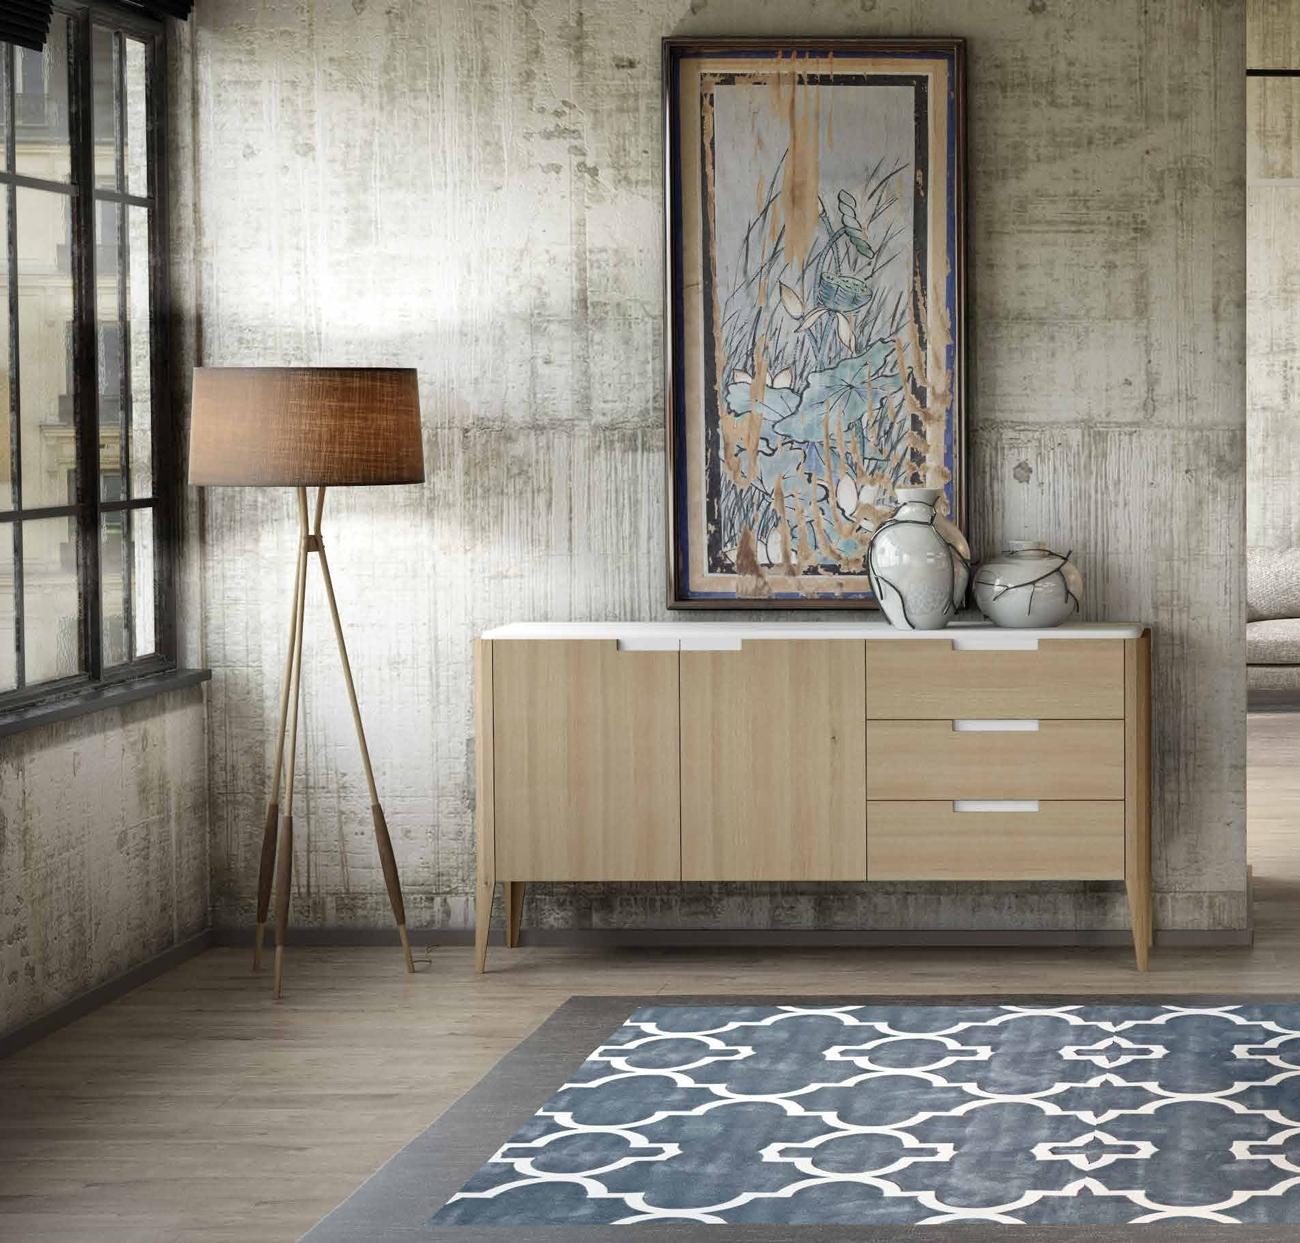 Aparador colección Terra AP09 - Aparador colección Terra AP09, Sutileza de formas y combinación perfecta de acabados que intensifican la elegancia de este comedor, Roble Natural y laca color Blanco.